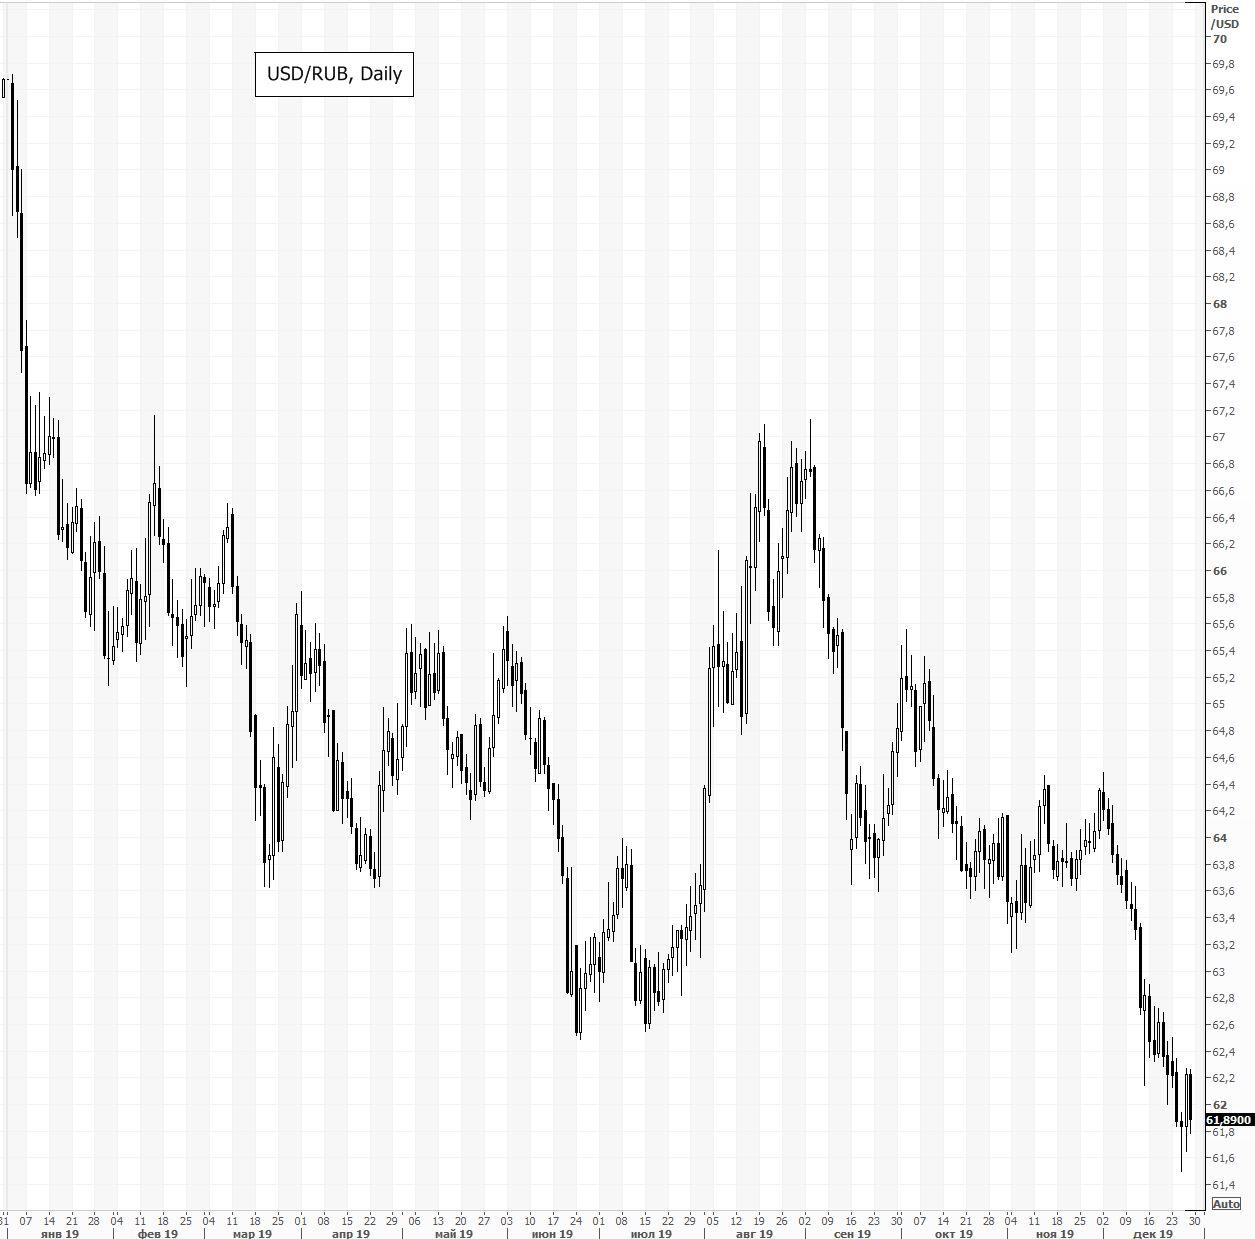 Валютный рынок. Итоги года и прогноз на 2020